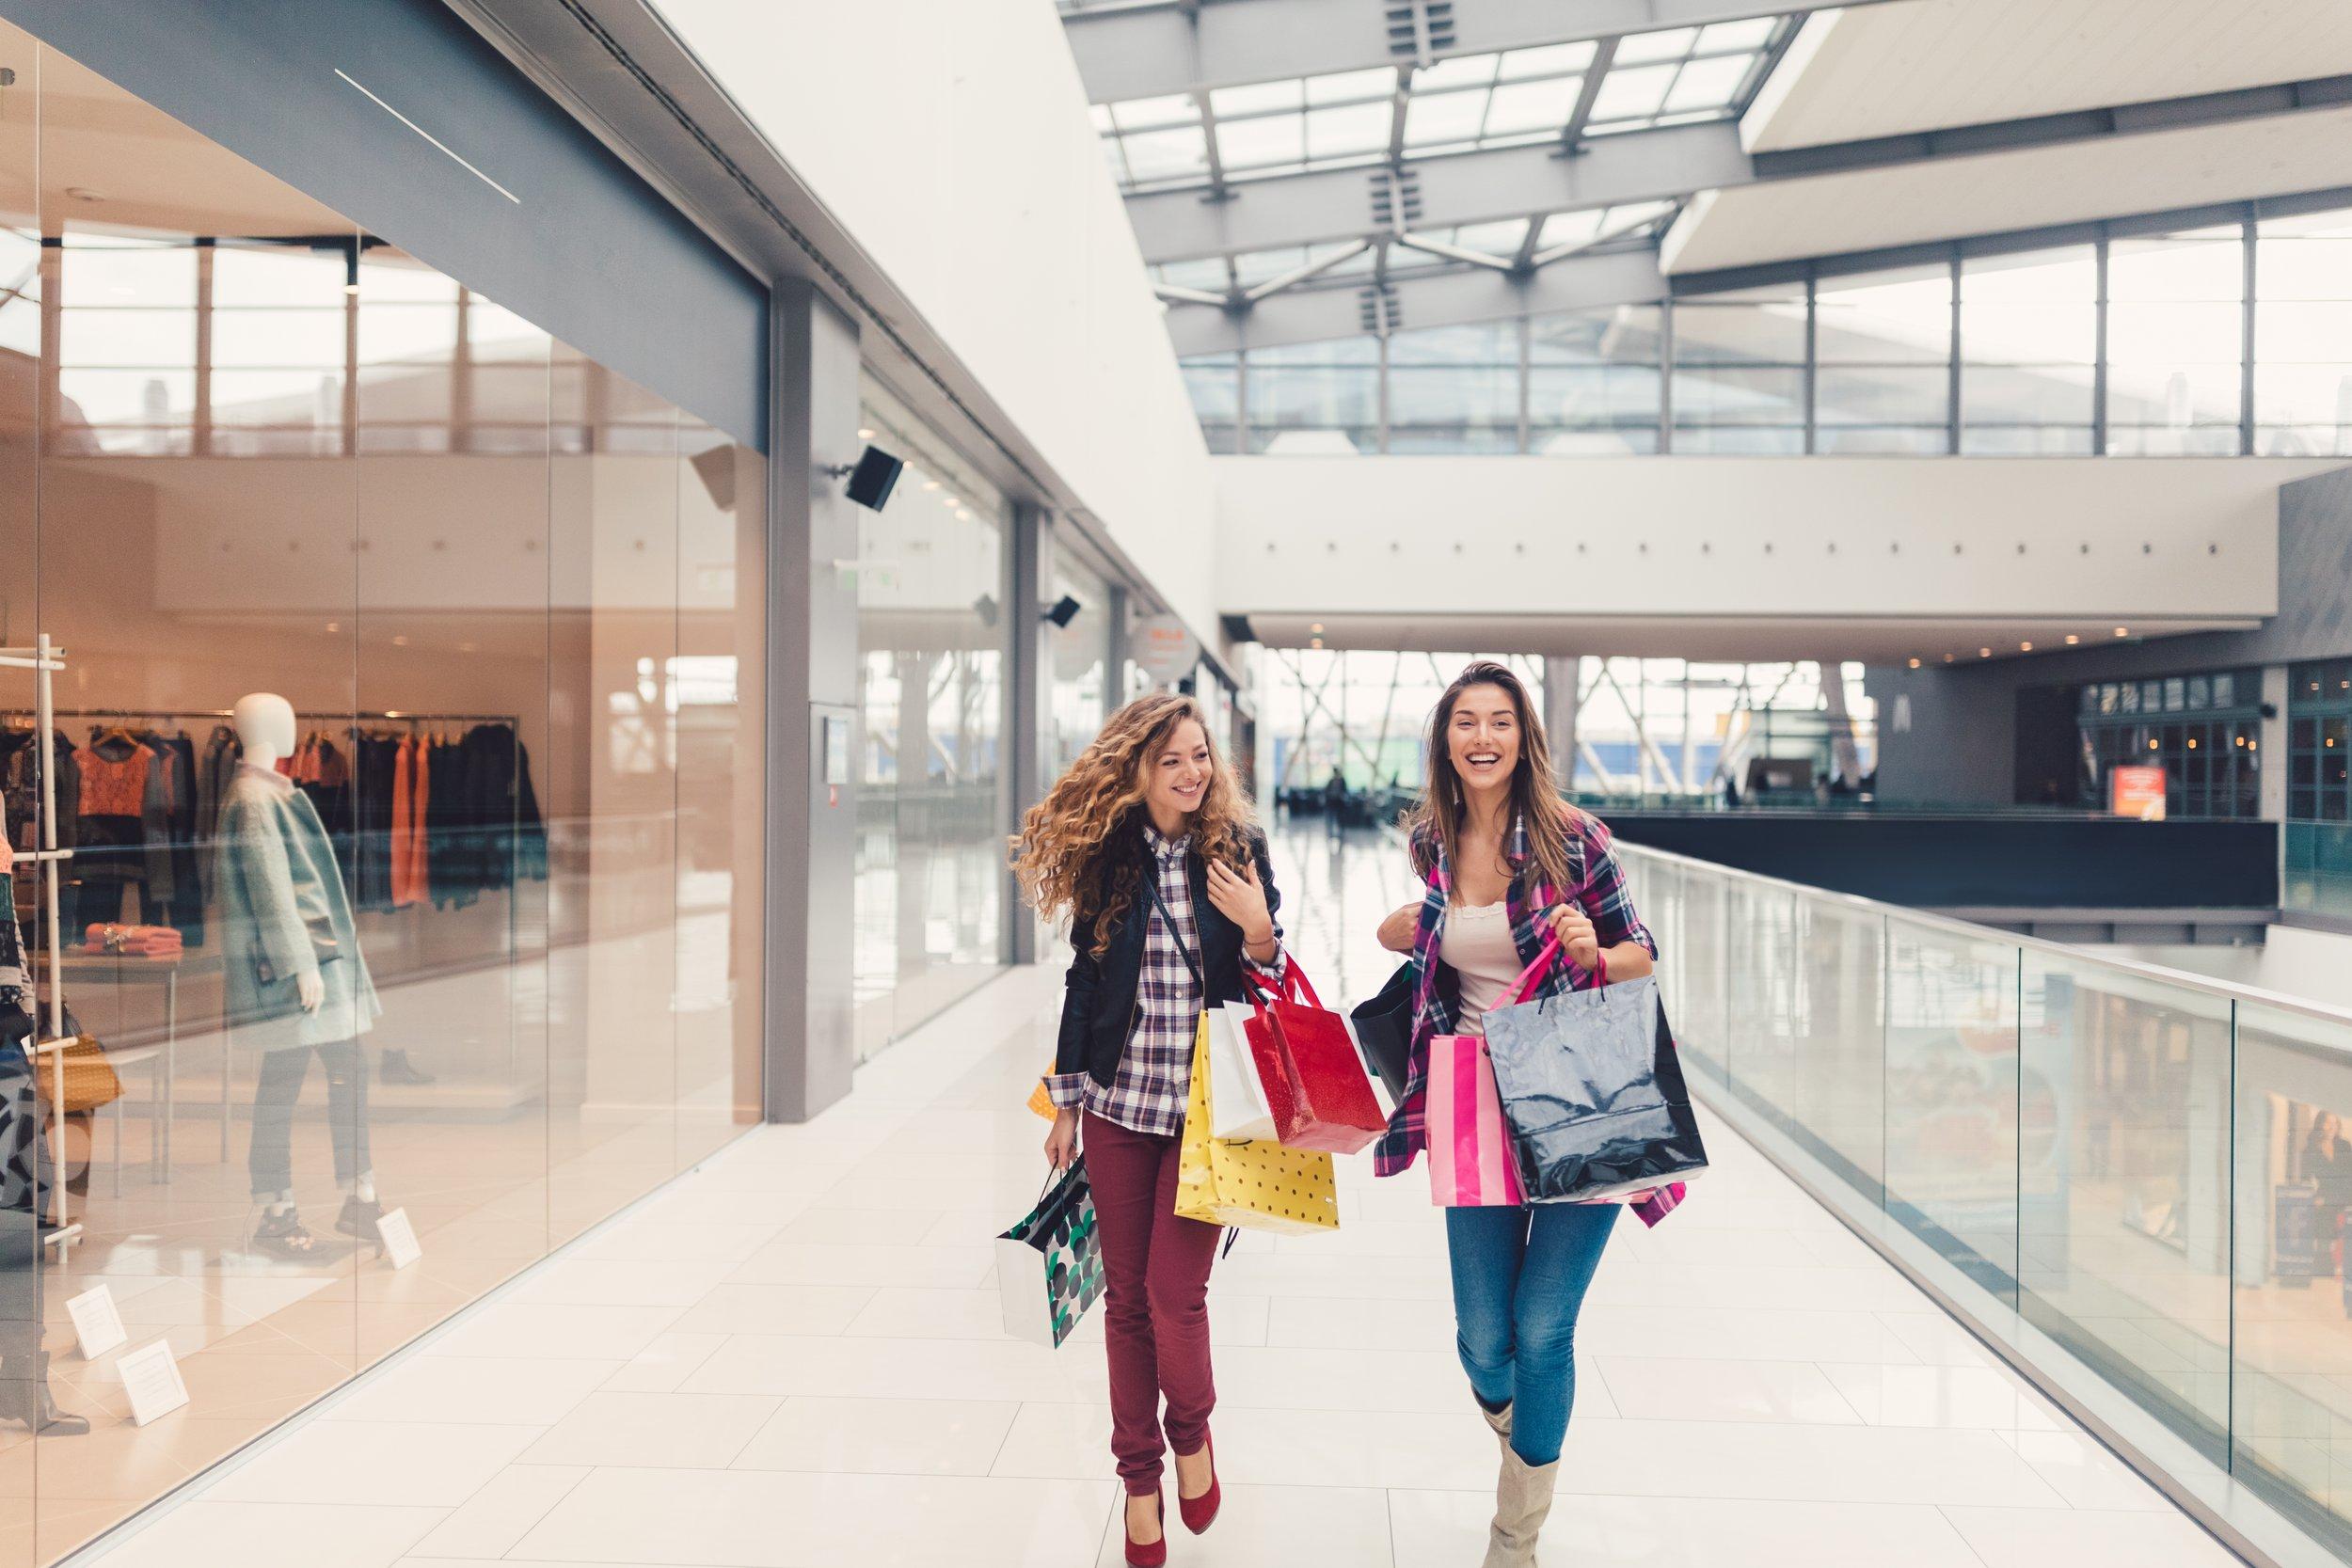 Best friends shopping